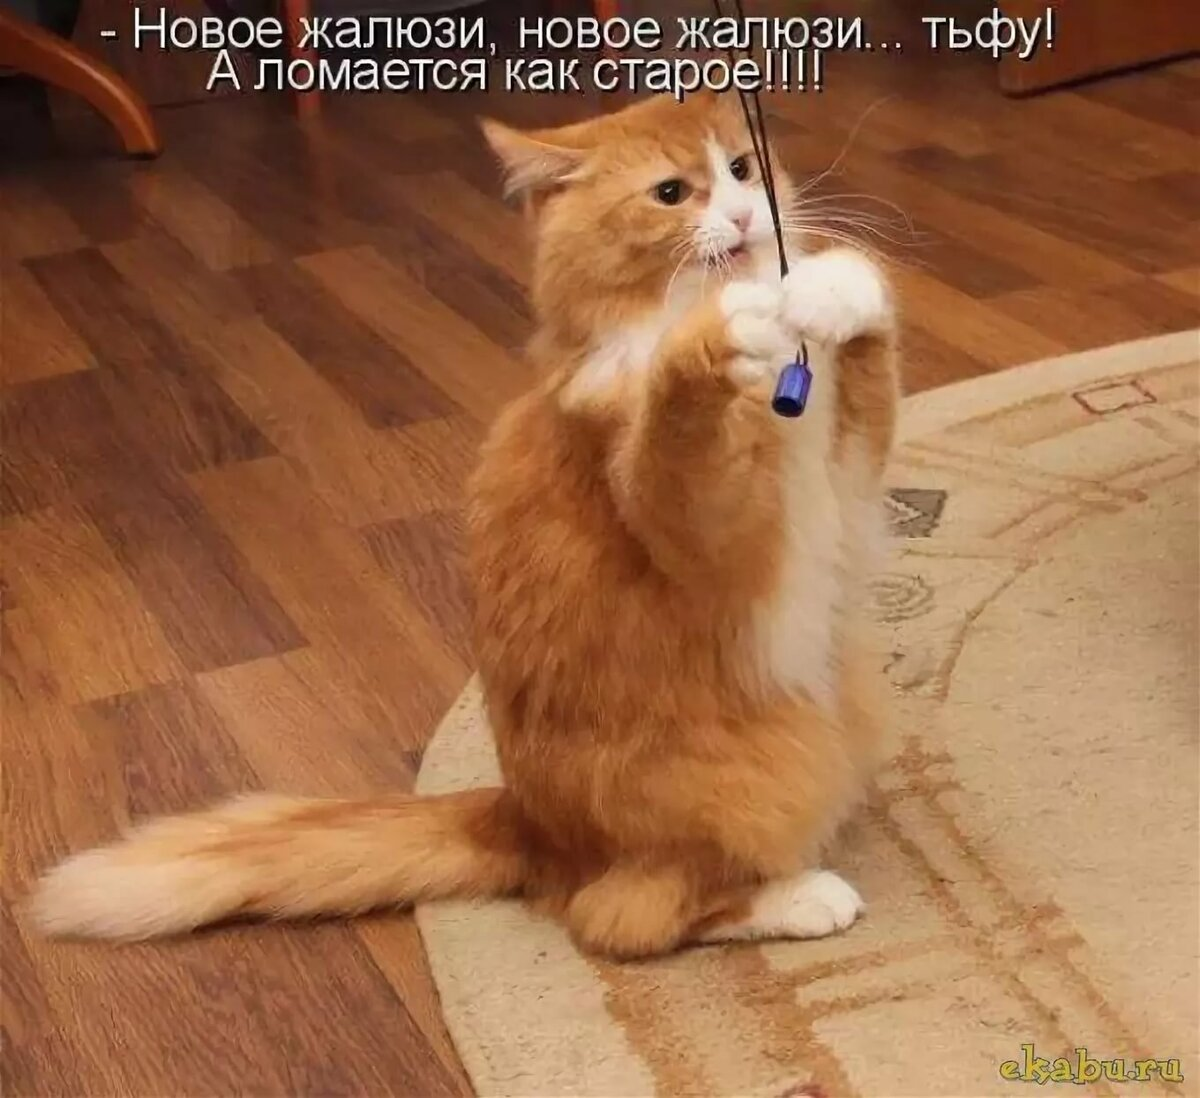 Про сашку, картинки прикольные с надписями коты